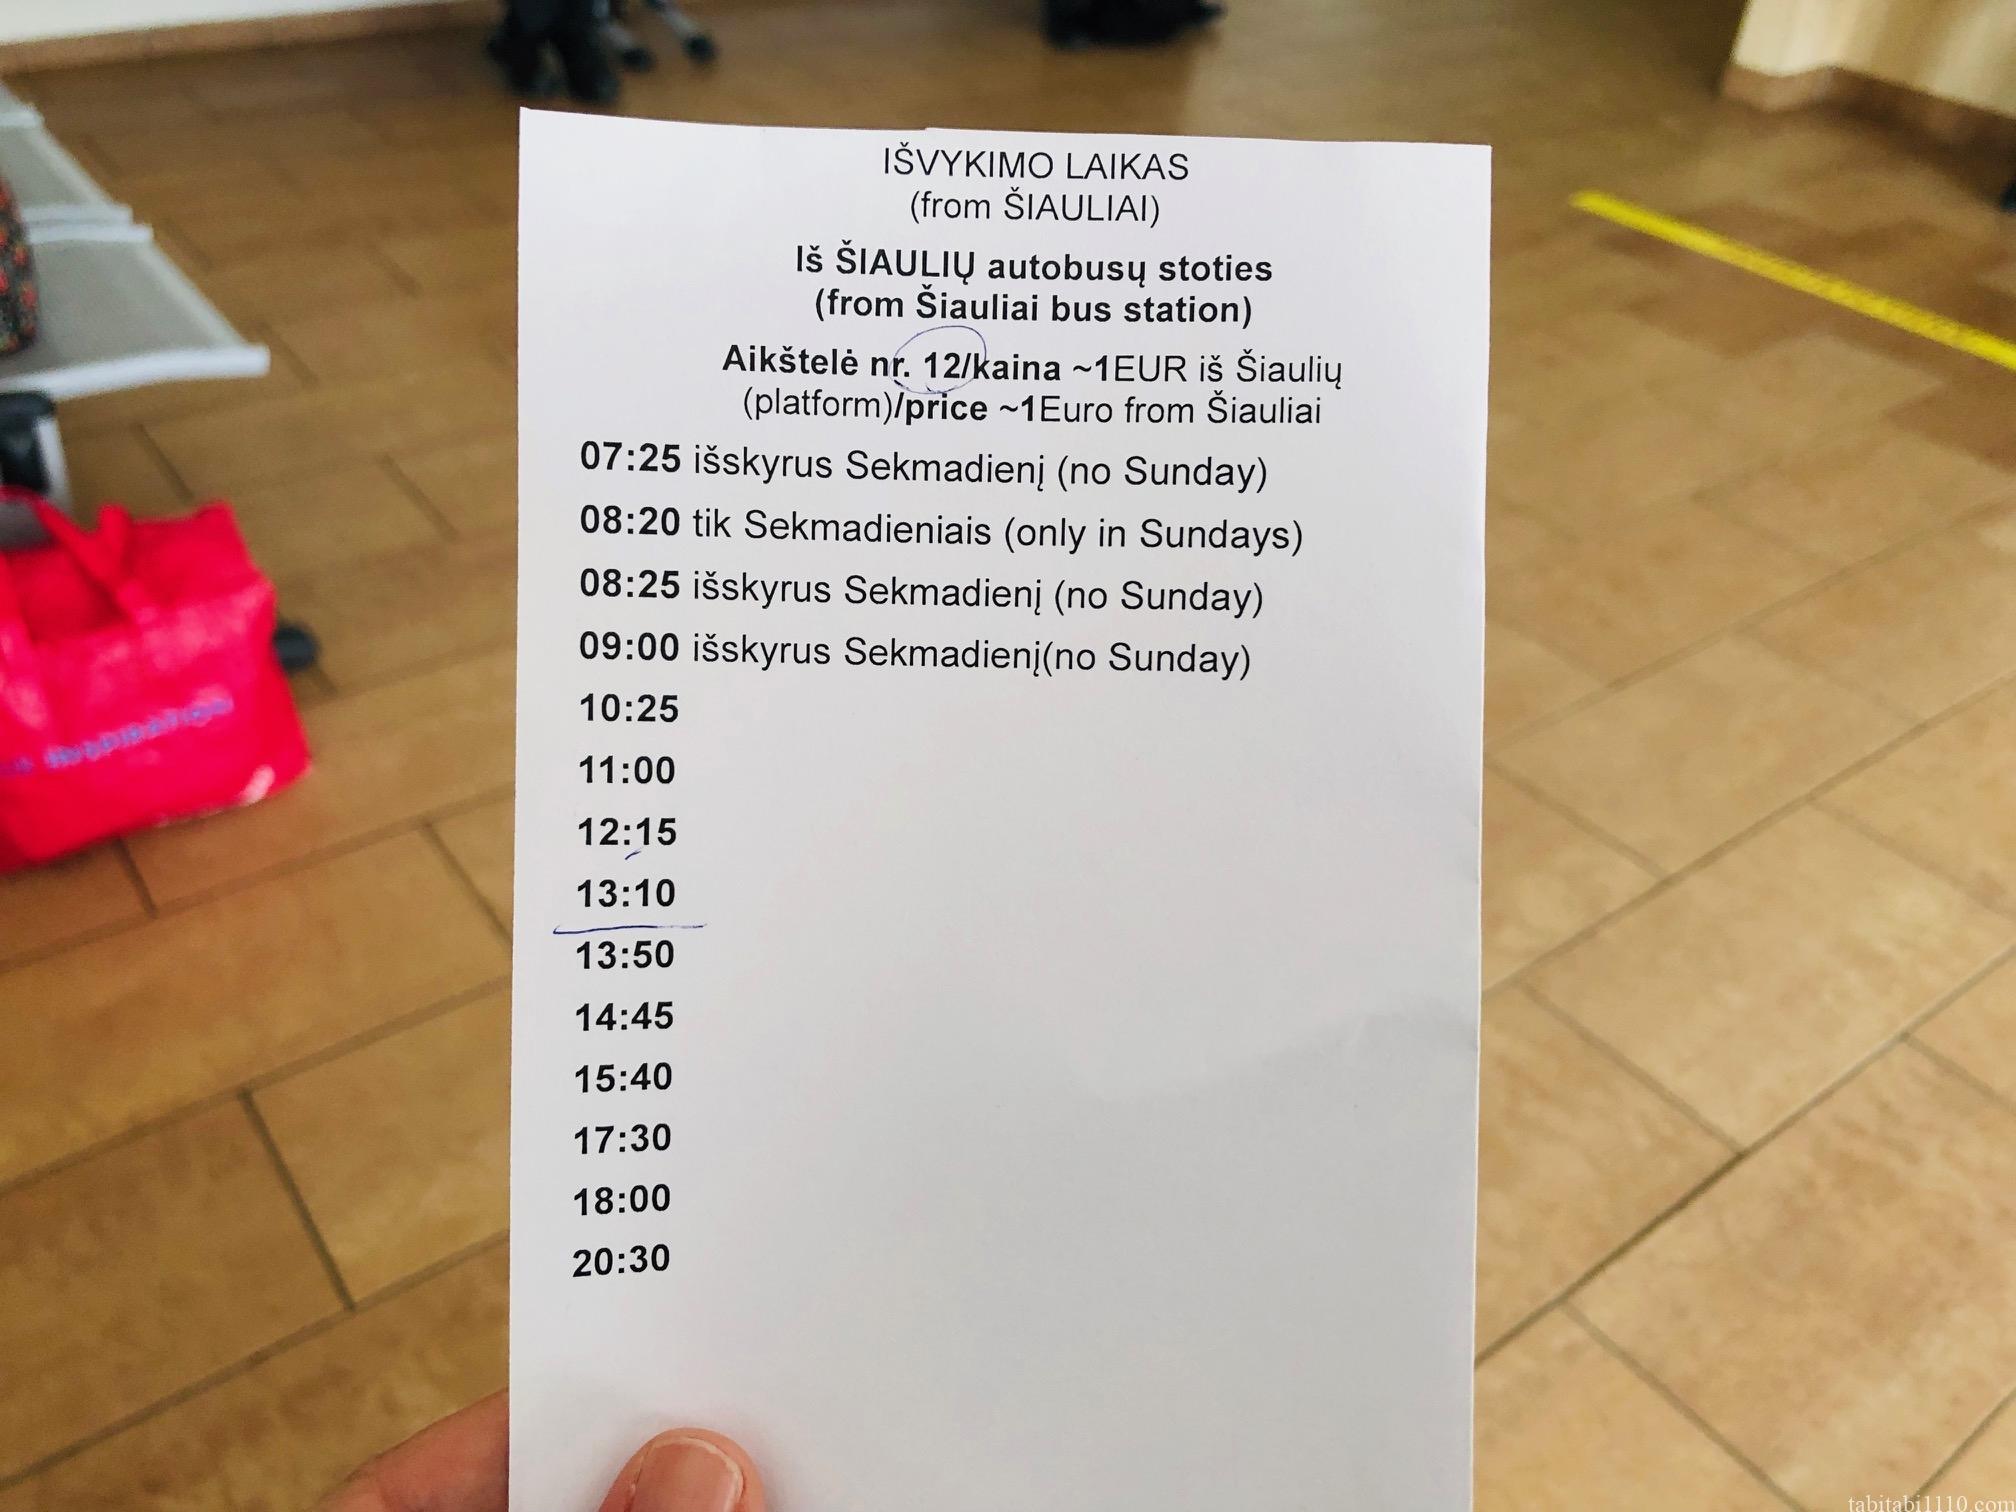 シャウレイ 十字架の丘 バス 時刻表